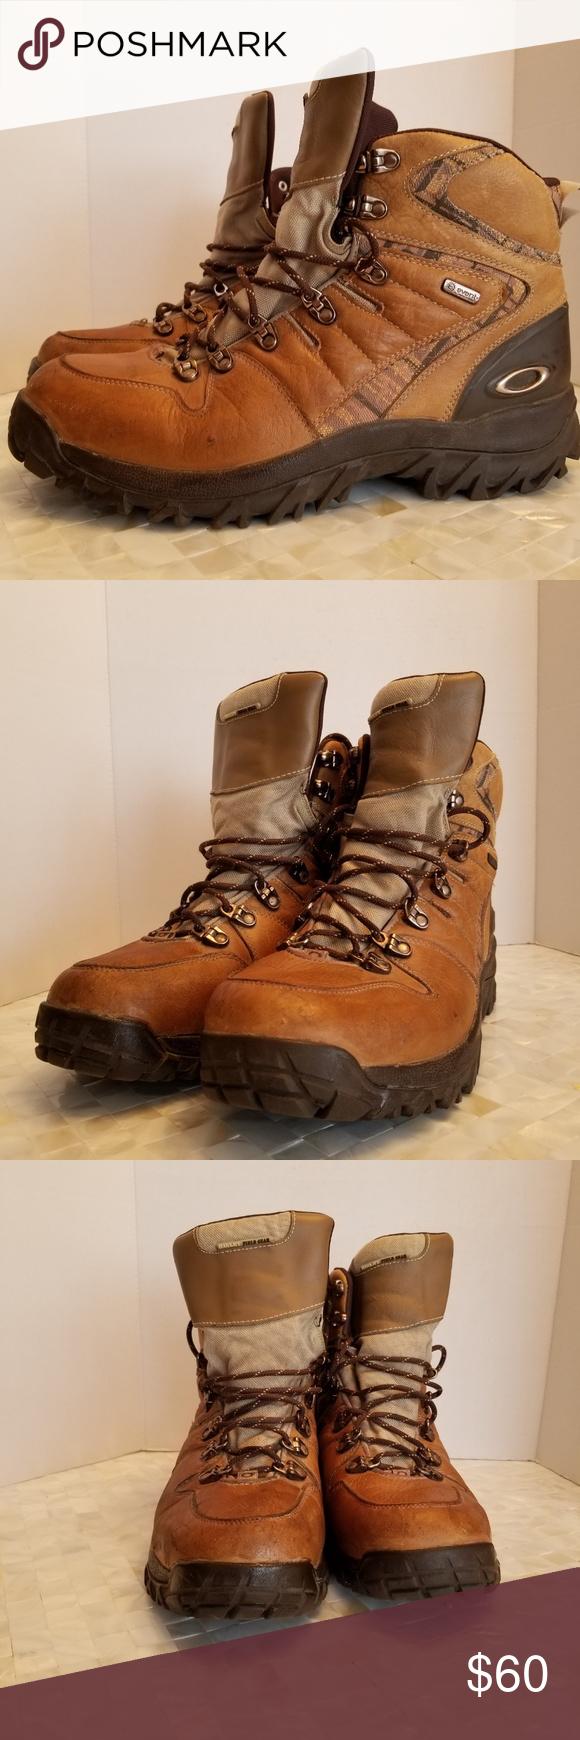 6119340917d Oakley All Mountain LT Boots Sz 13M Oakley All Mountain LT Boots Sz ...